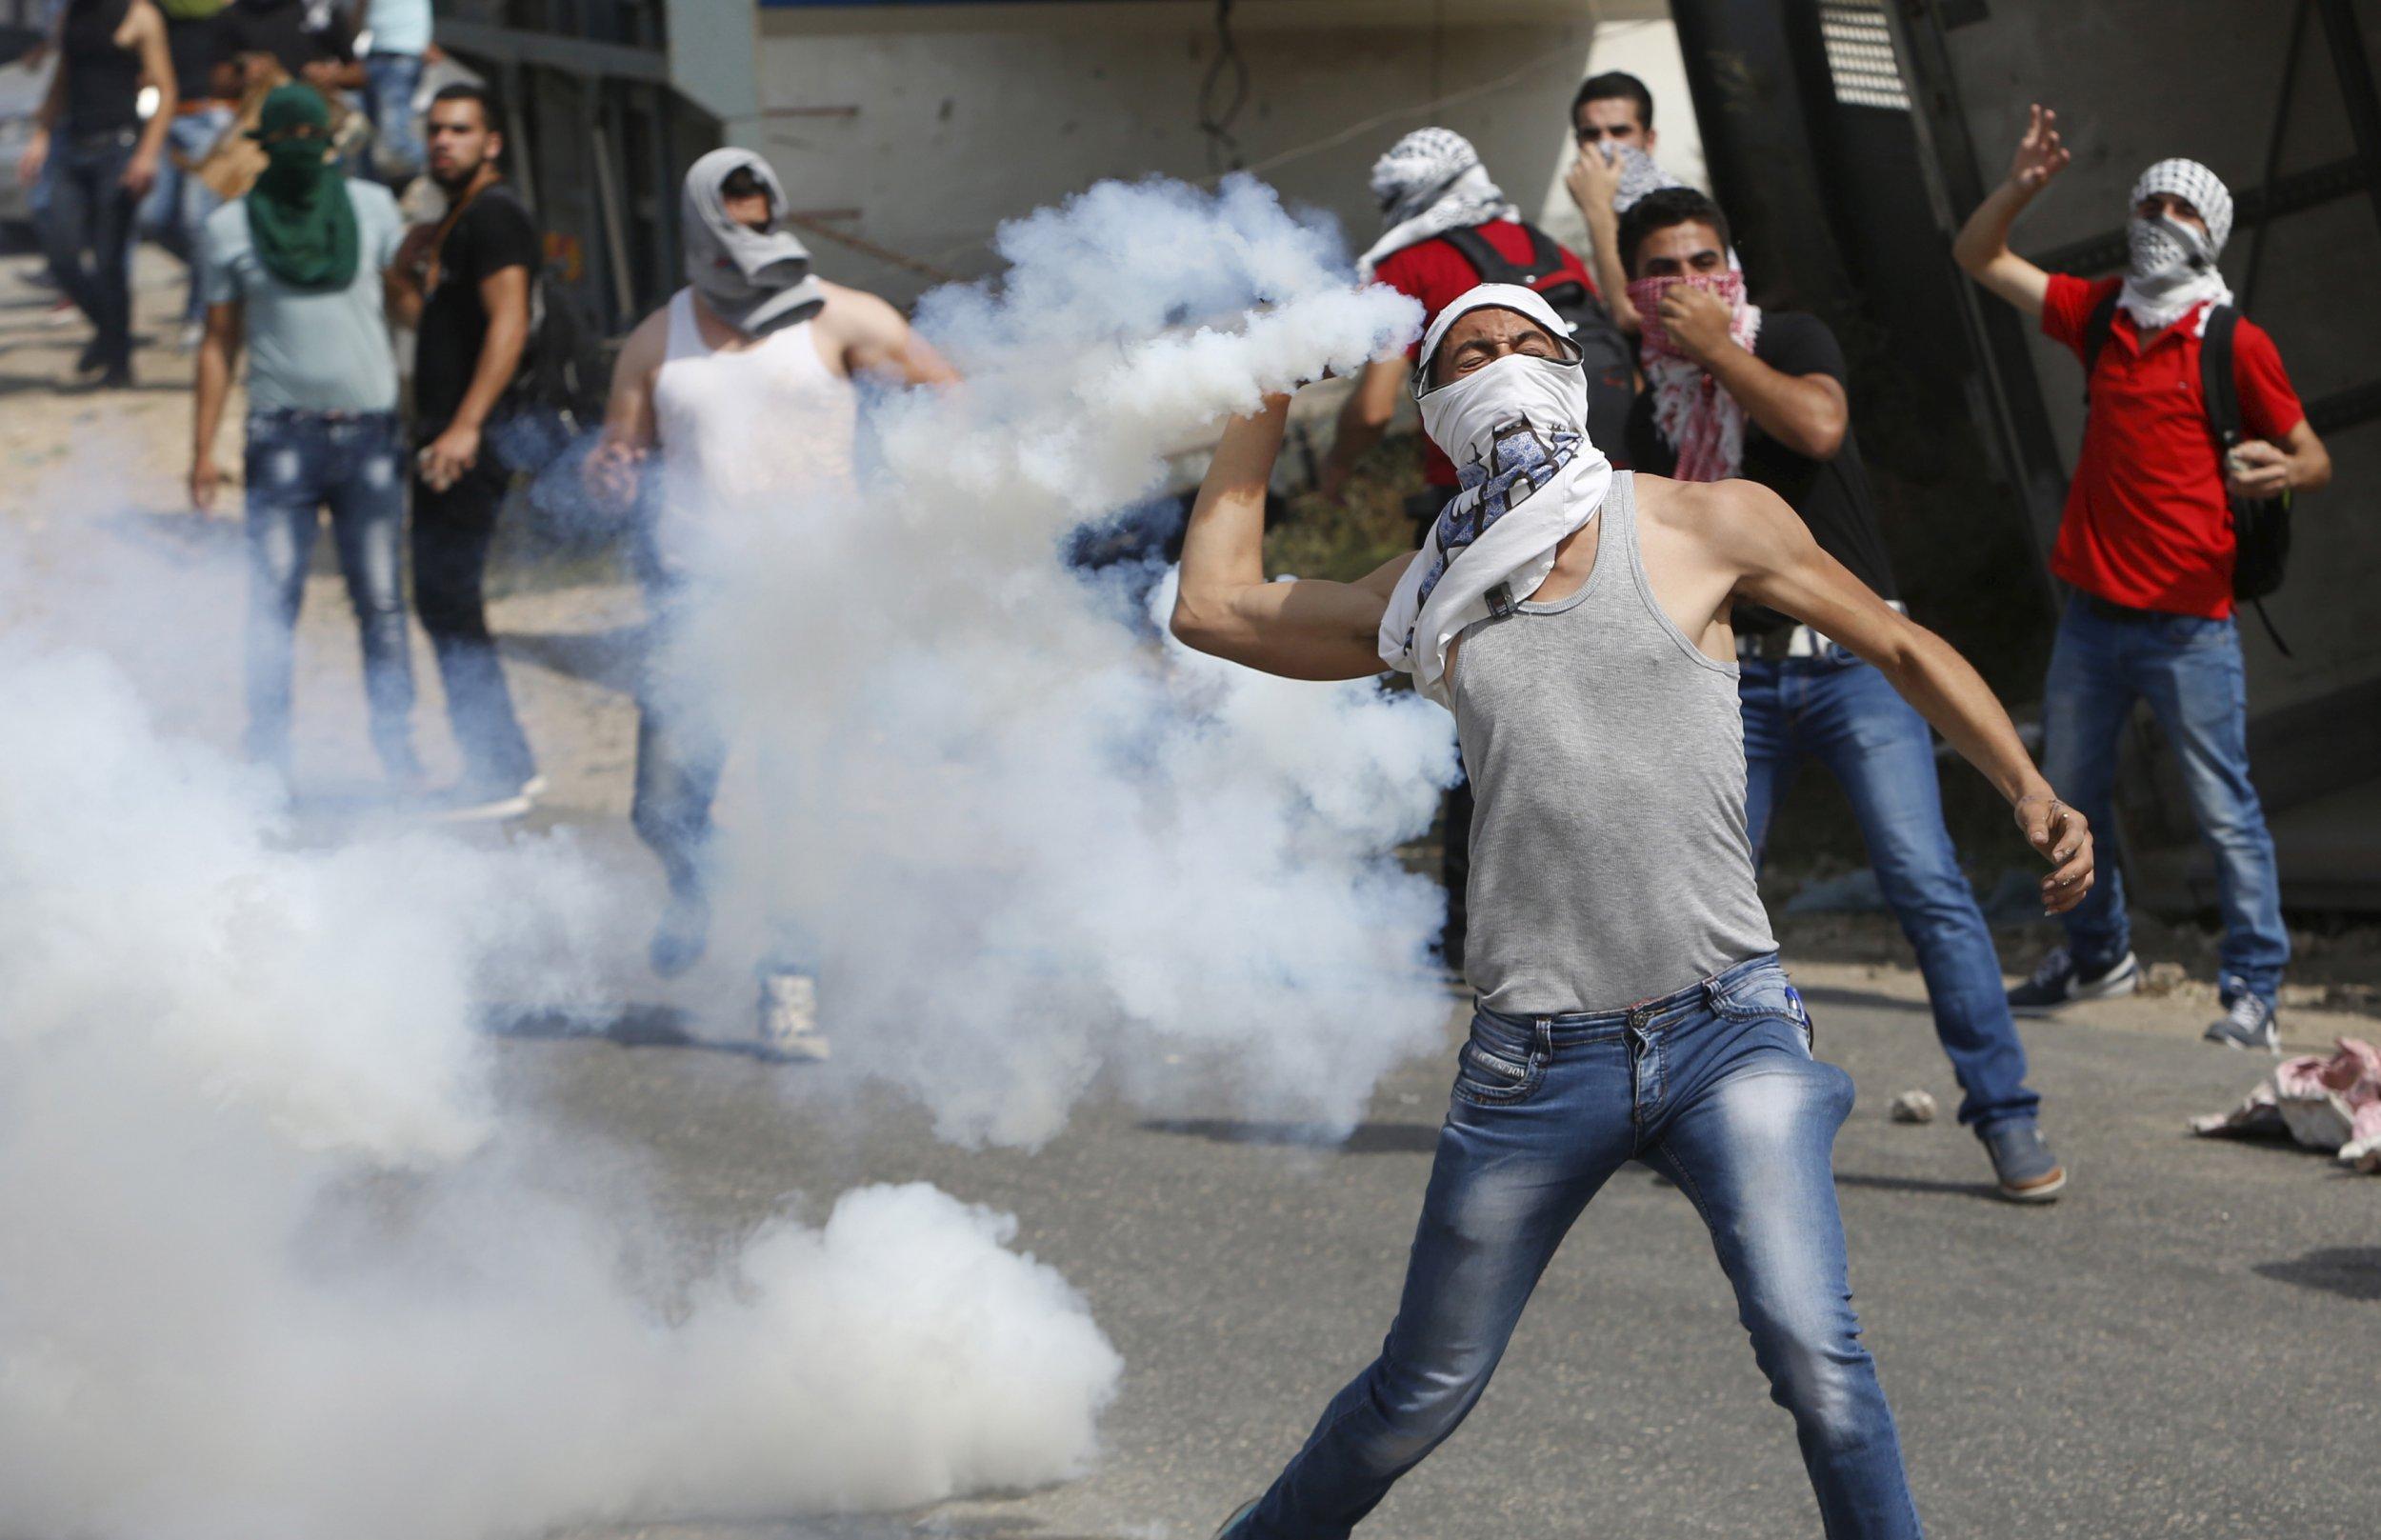 10_19_israel_violence_02